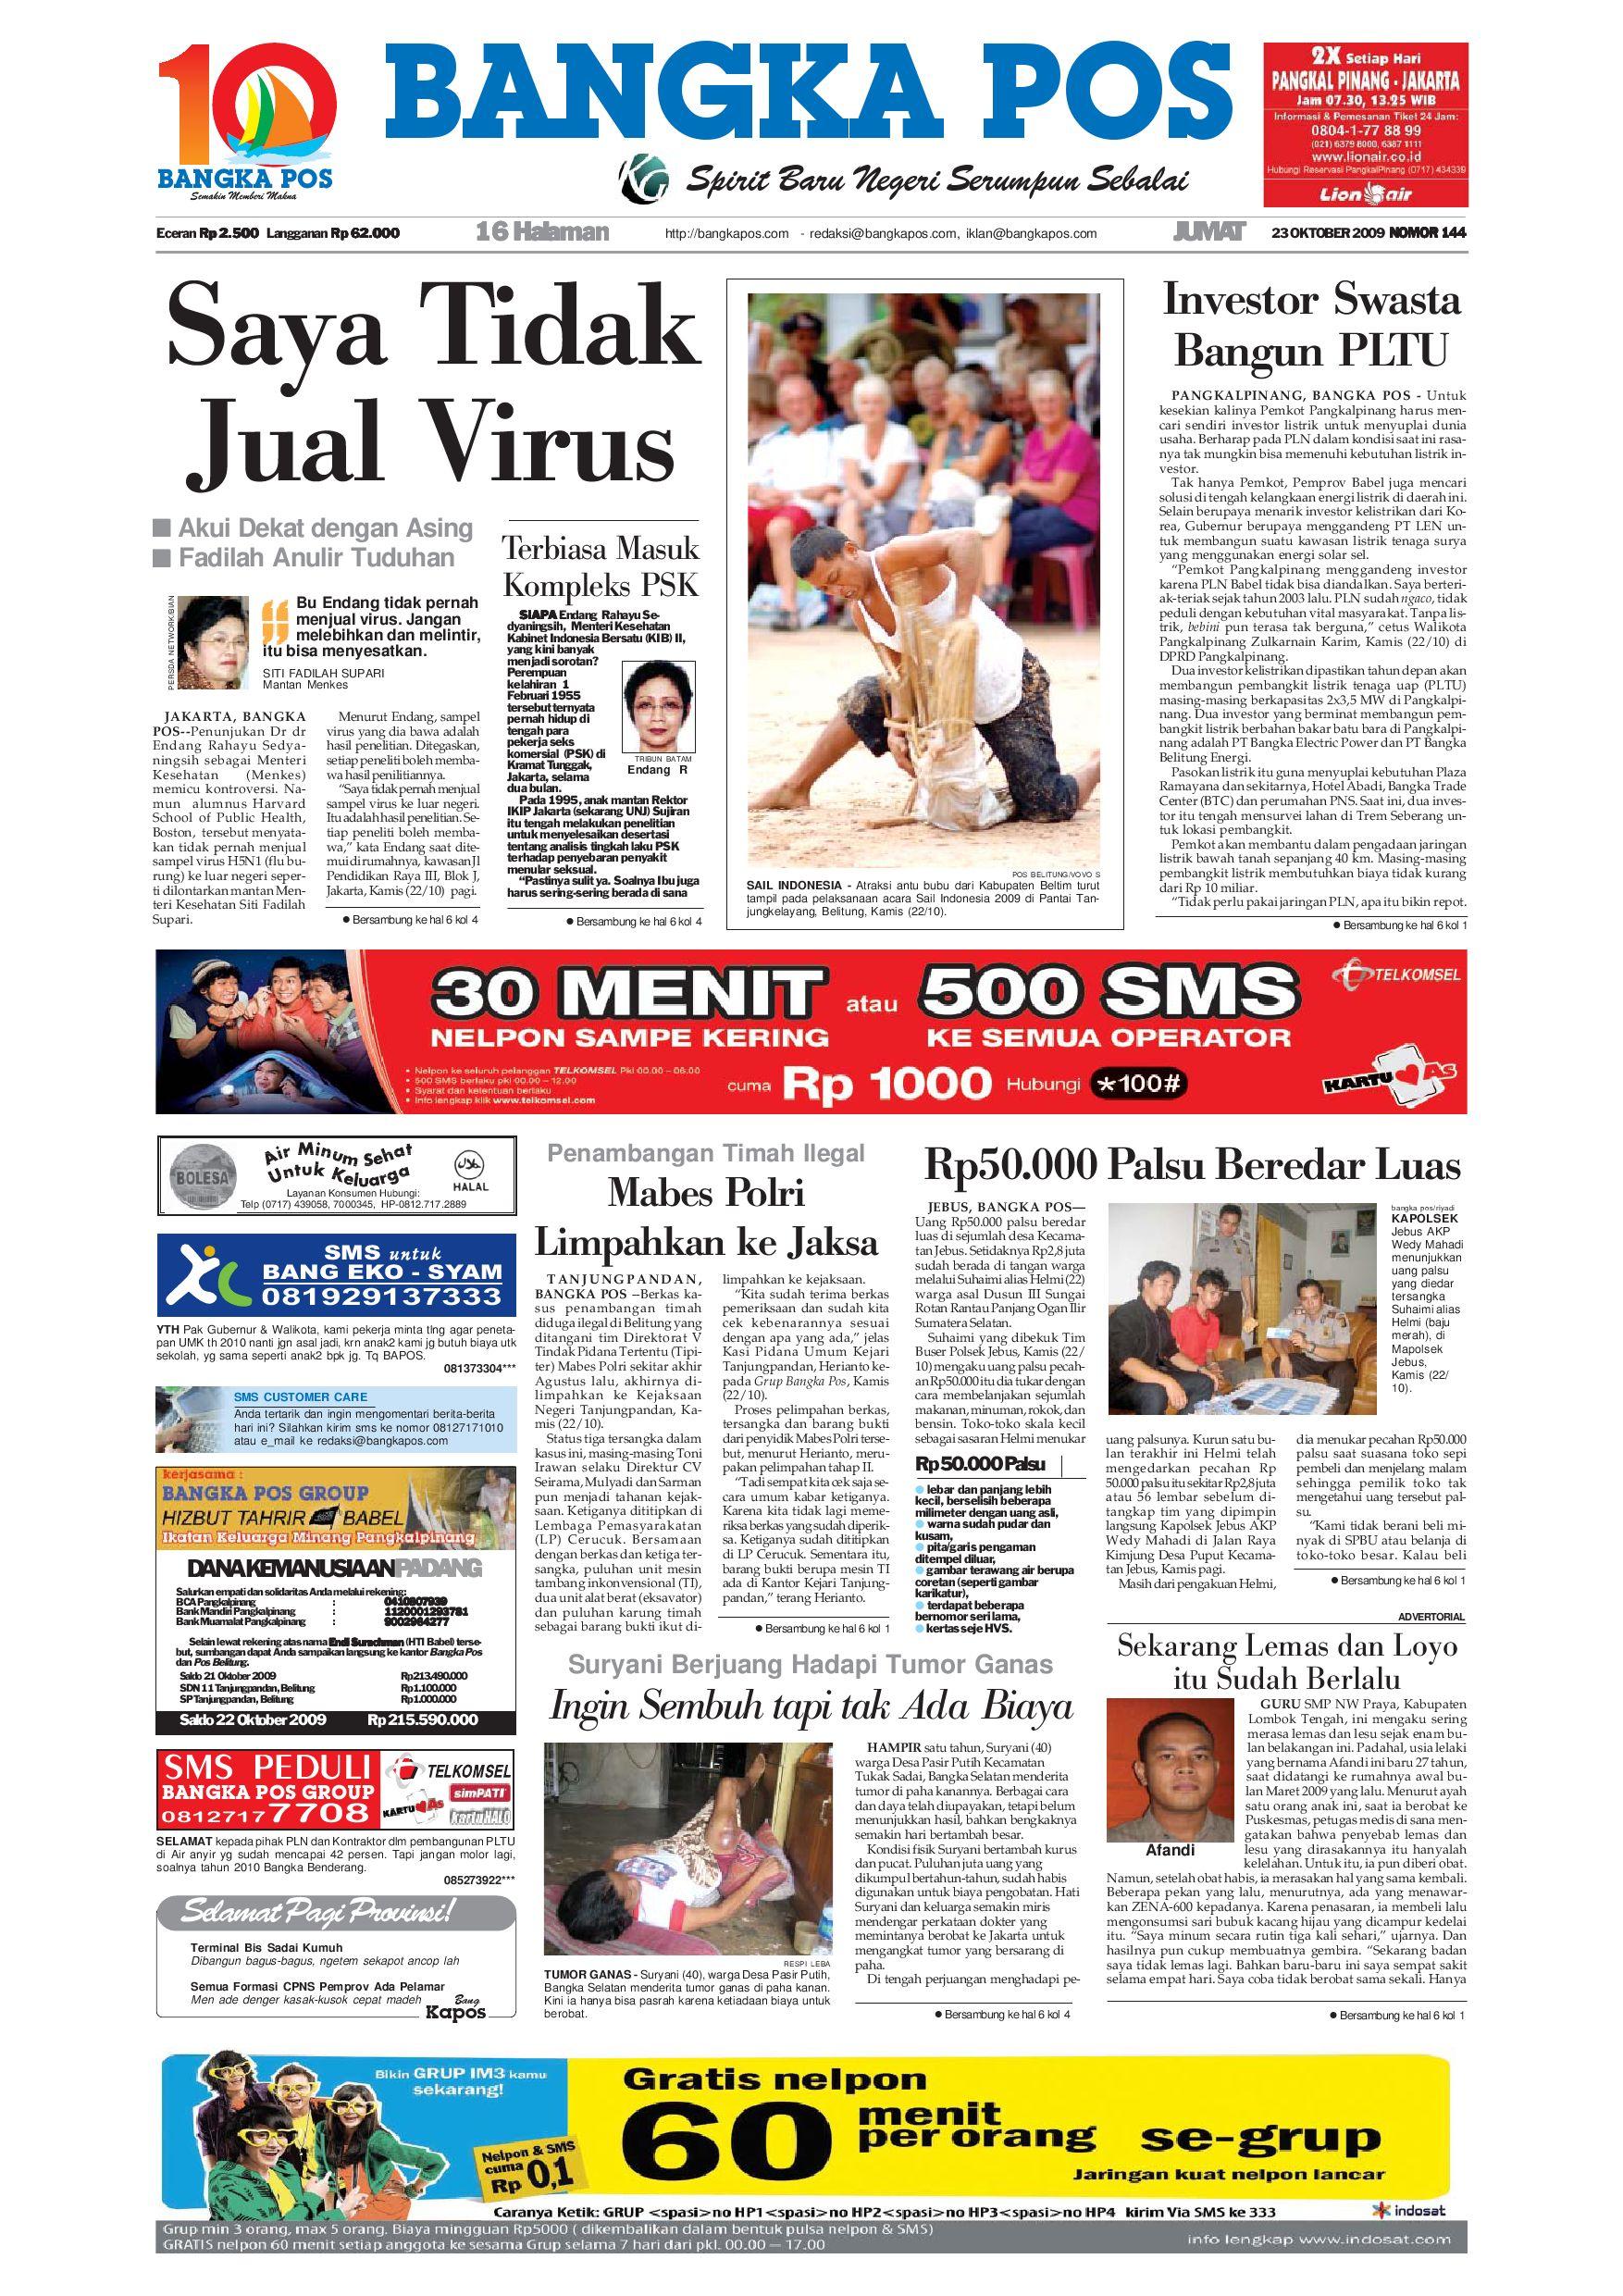 Harian Pagi Bangka Pos Edisi 23 Oktober 2009 By Bangka Pos Issuu